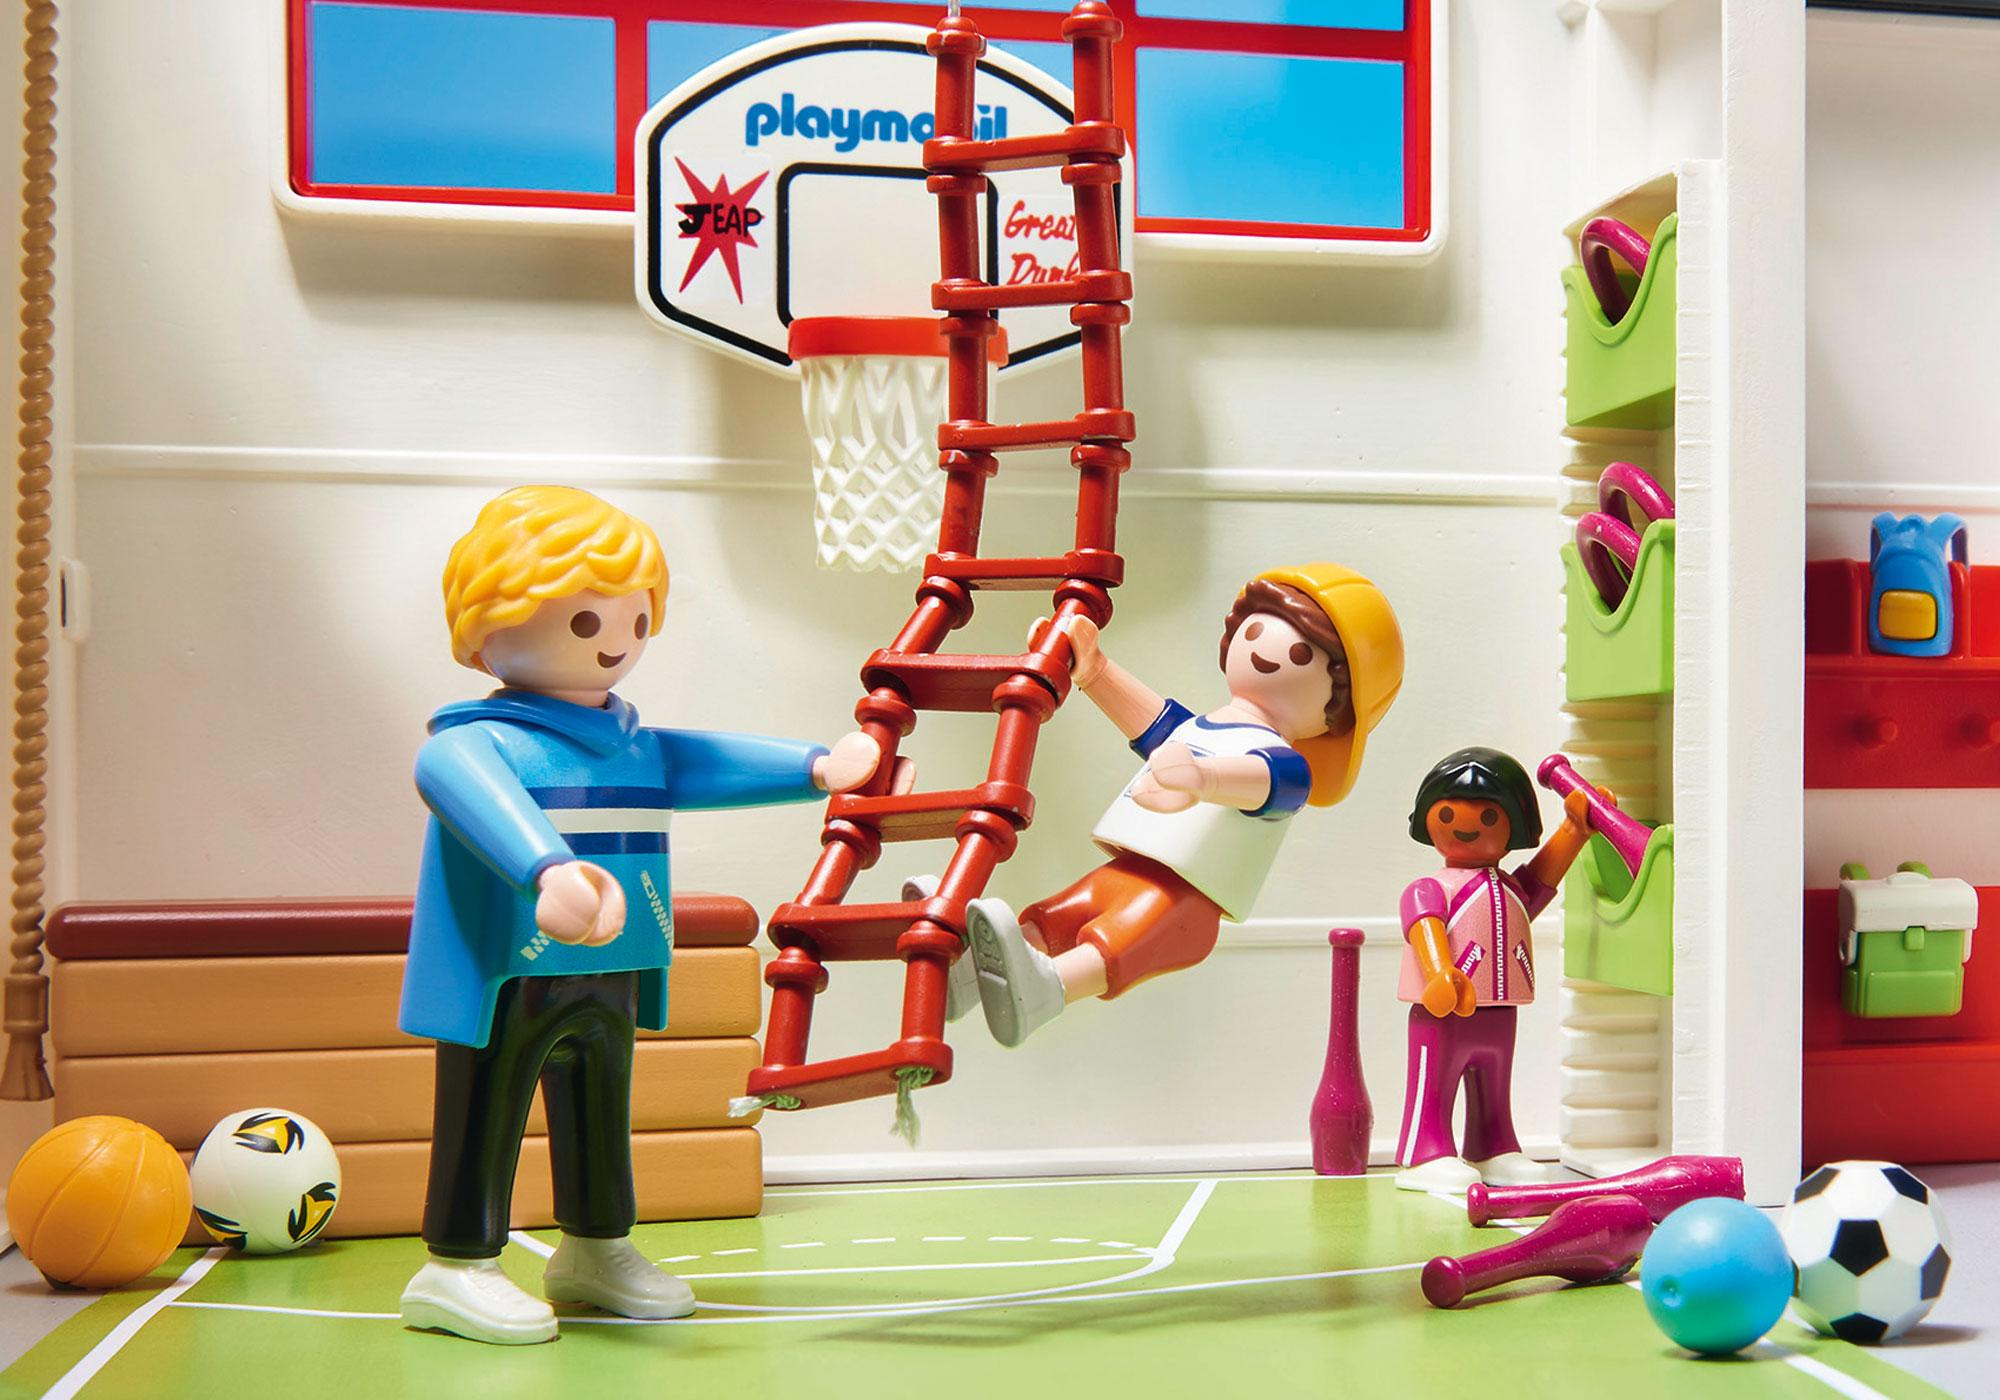 http://media.playmobil.com/i/playmobil/9454_product_extra2/Gym